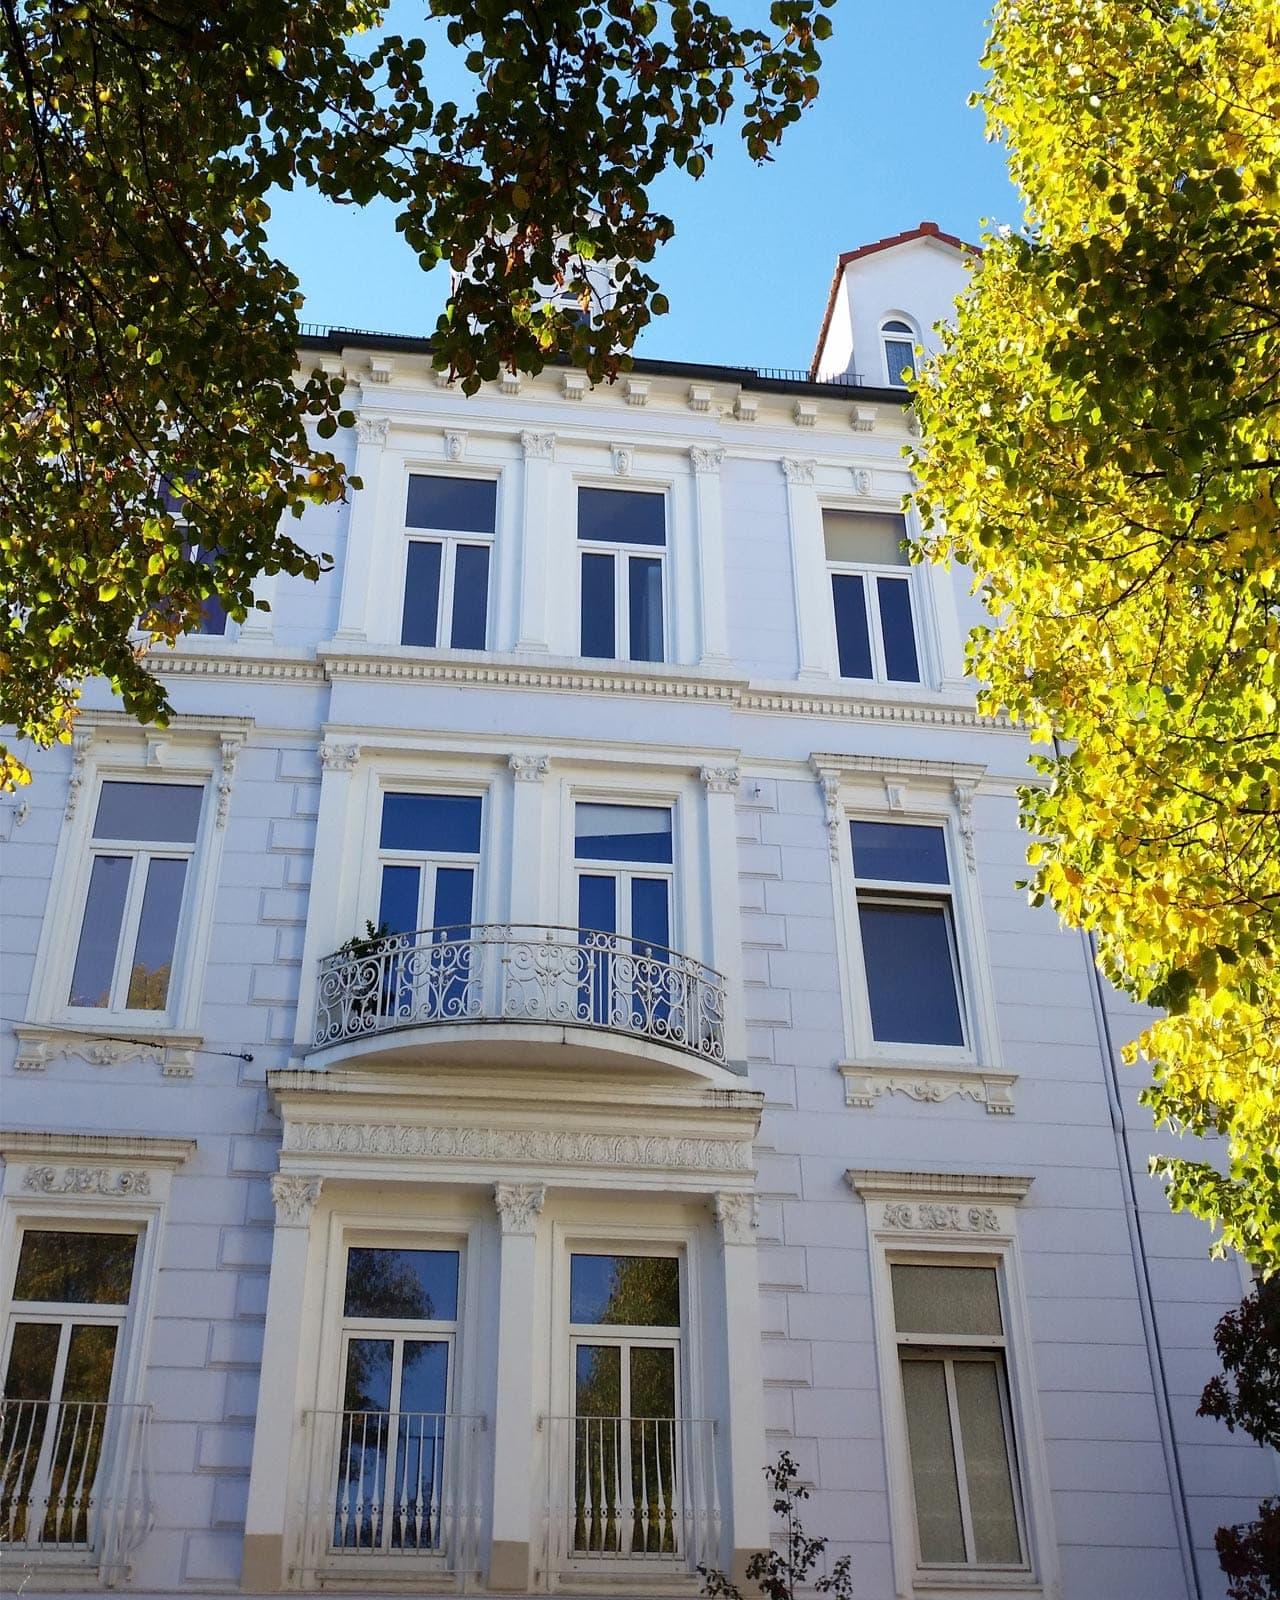 Gründerzeithäuser und elegante Seitenstraßen - das Viertel in Bremen